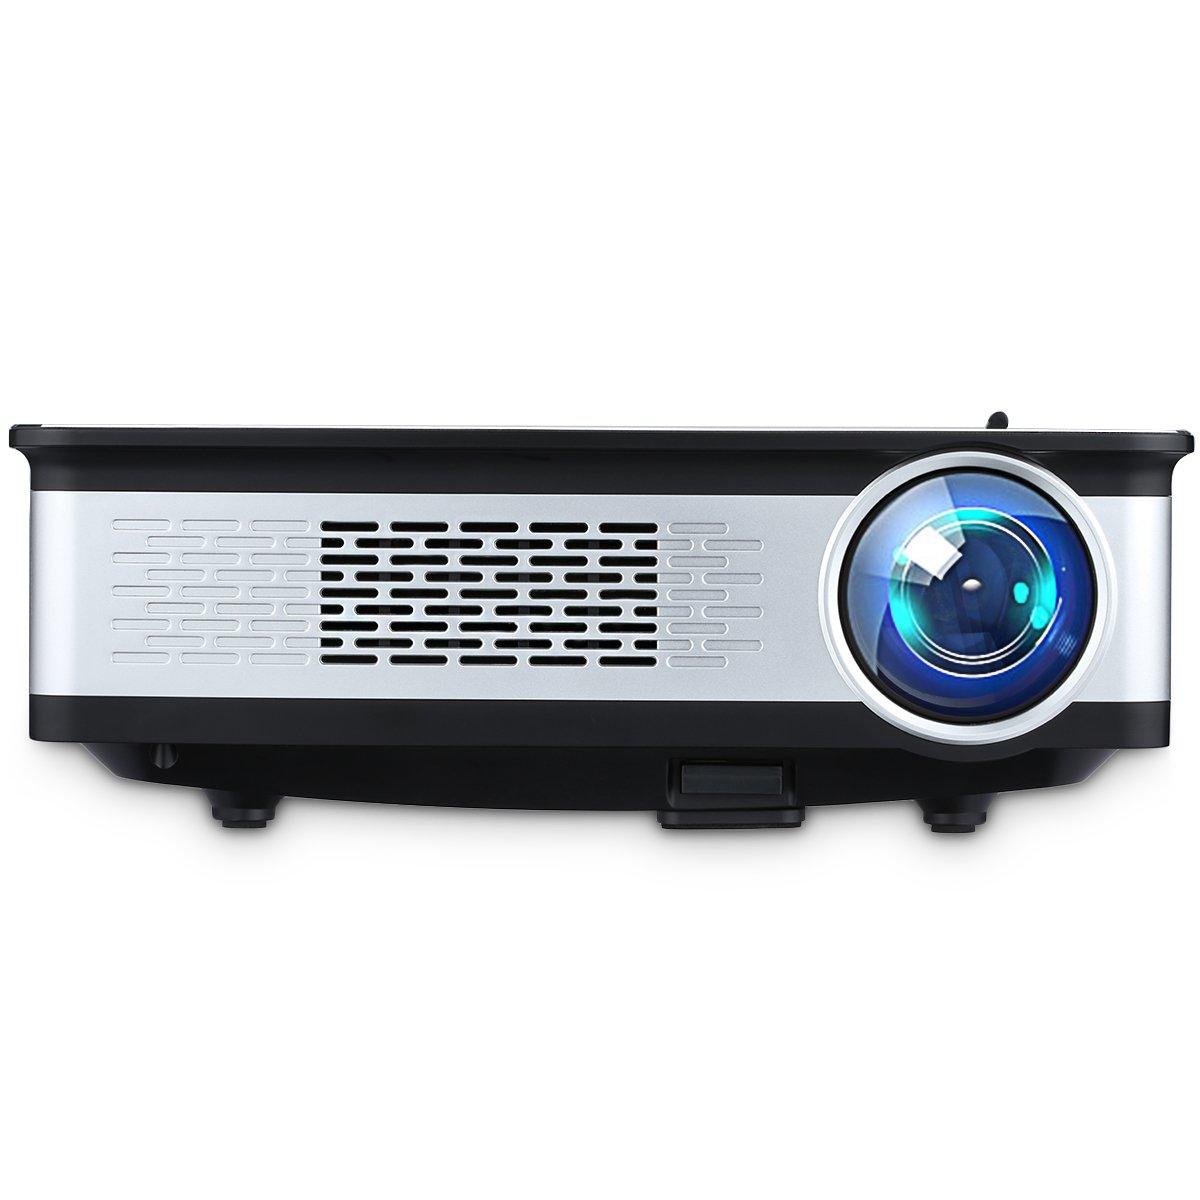 Excelvan 3300 Lumens Beamer 1080p 720p Multimedia Projektor Native 1280 * 768 Pixels mit HDMI, VGA, 2*USB, AV Schnitstelle, für Heimkino, Spiel, Outdoor, 5.8 Zoll (Z720) für Heimkino 2018031411